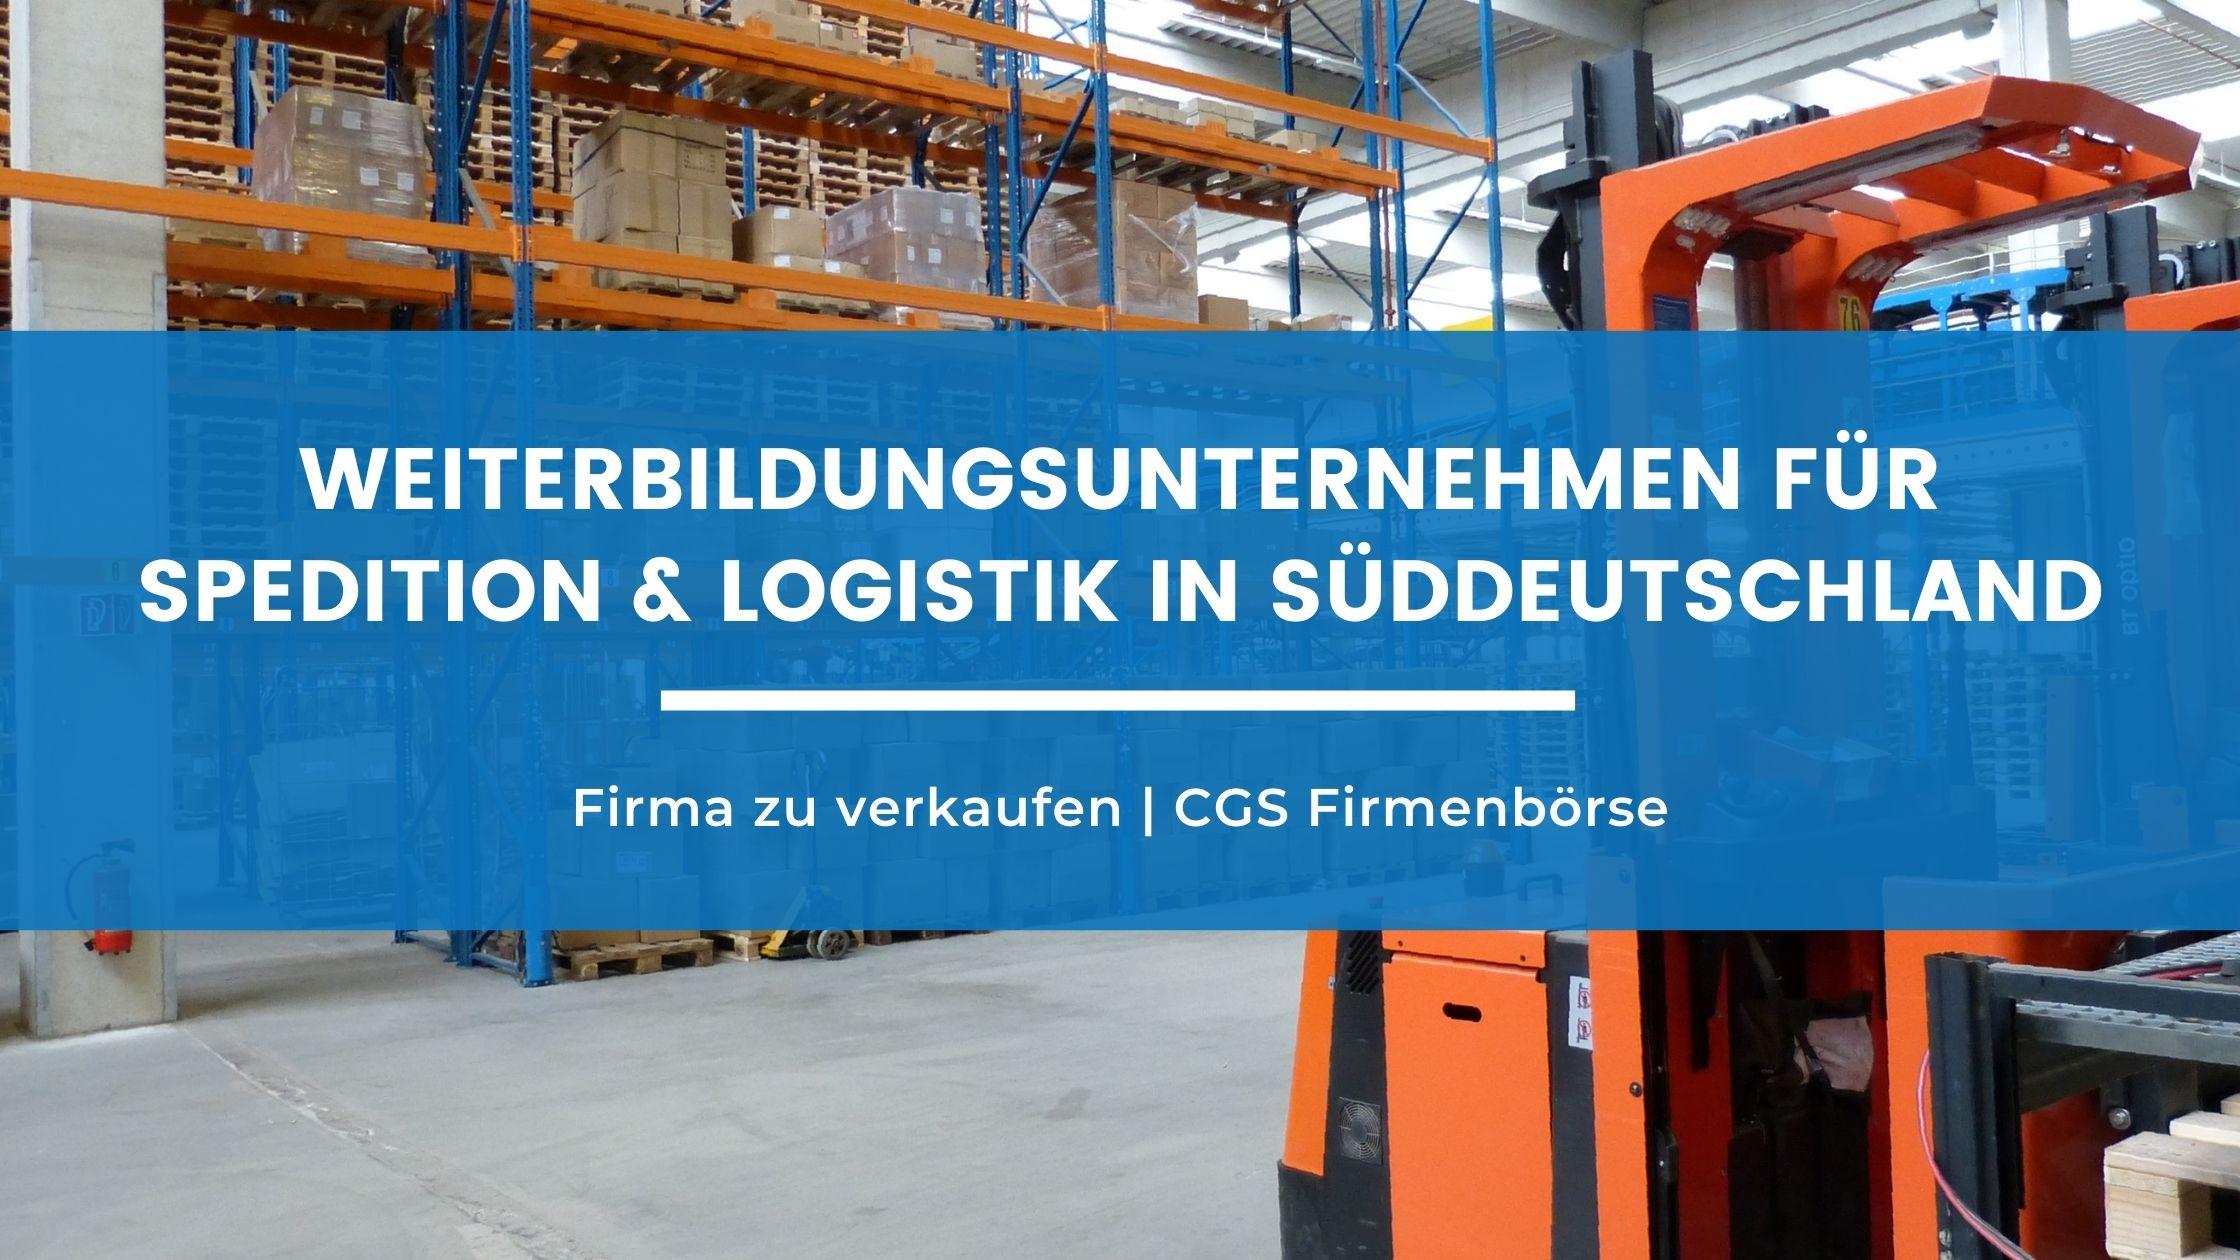 weiterbildungsunternehmen-logistik-spedition-sueddeutschland